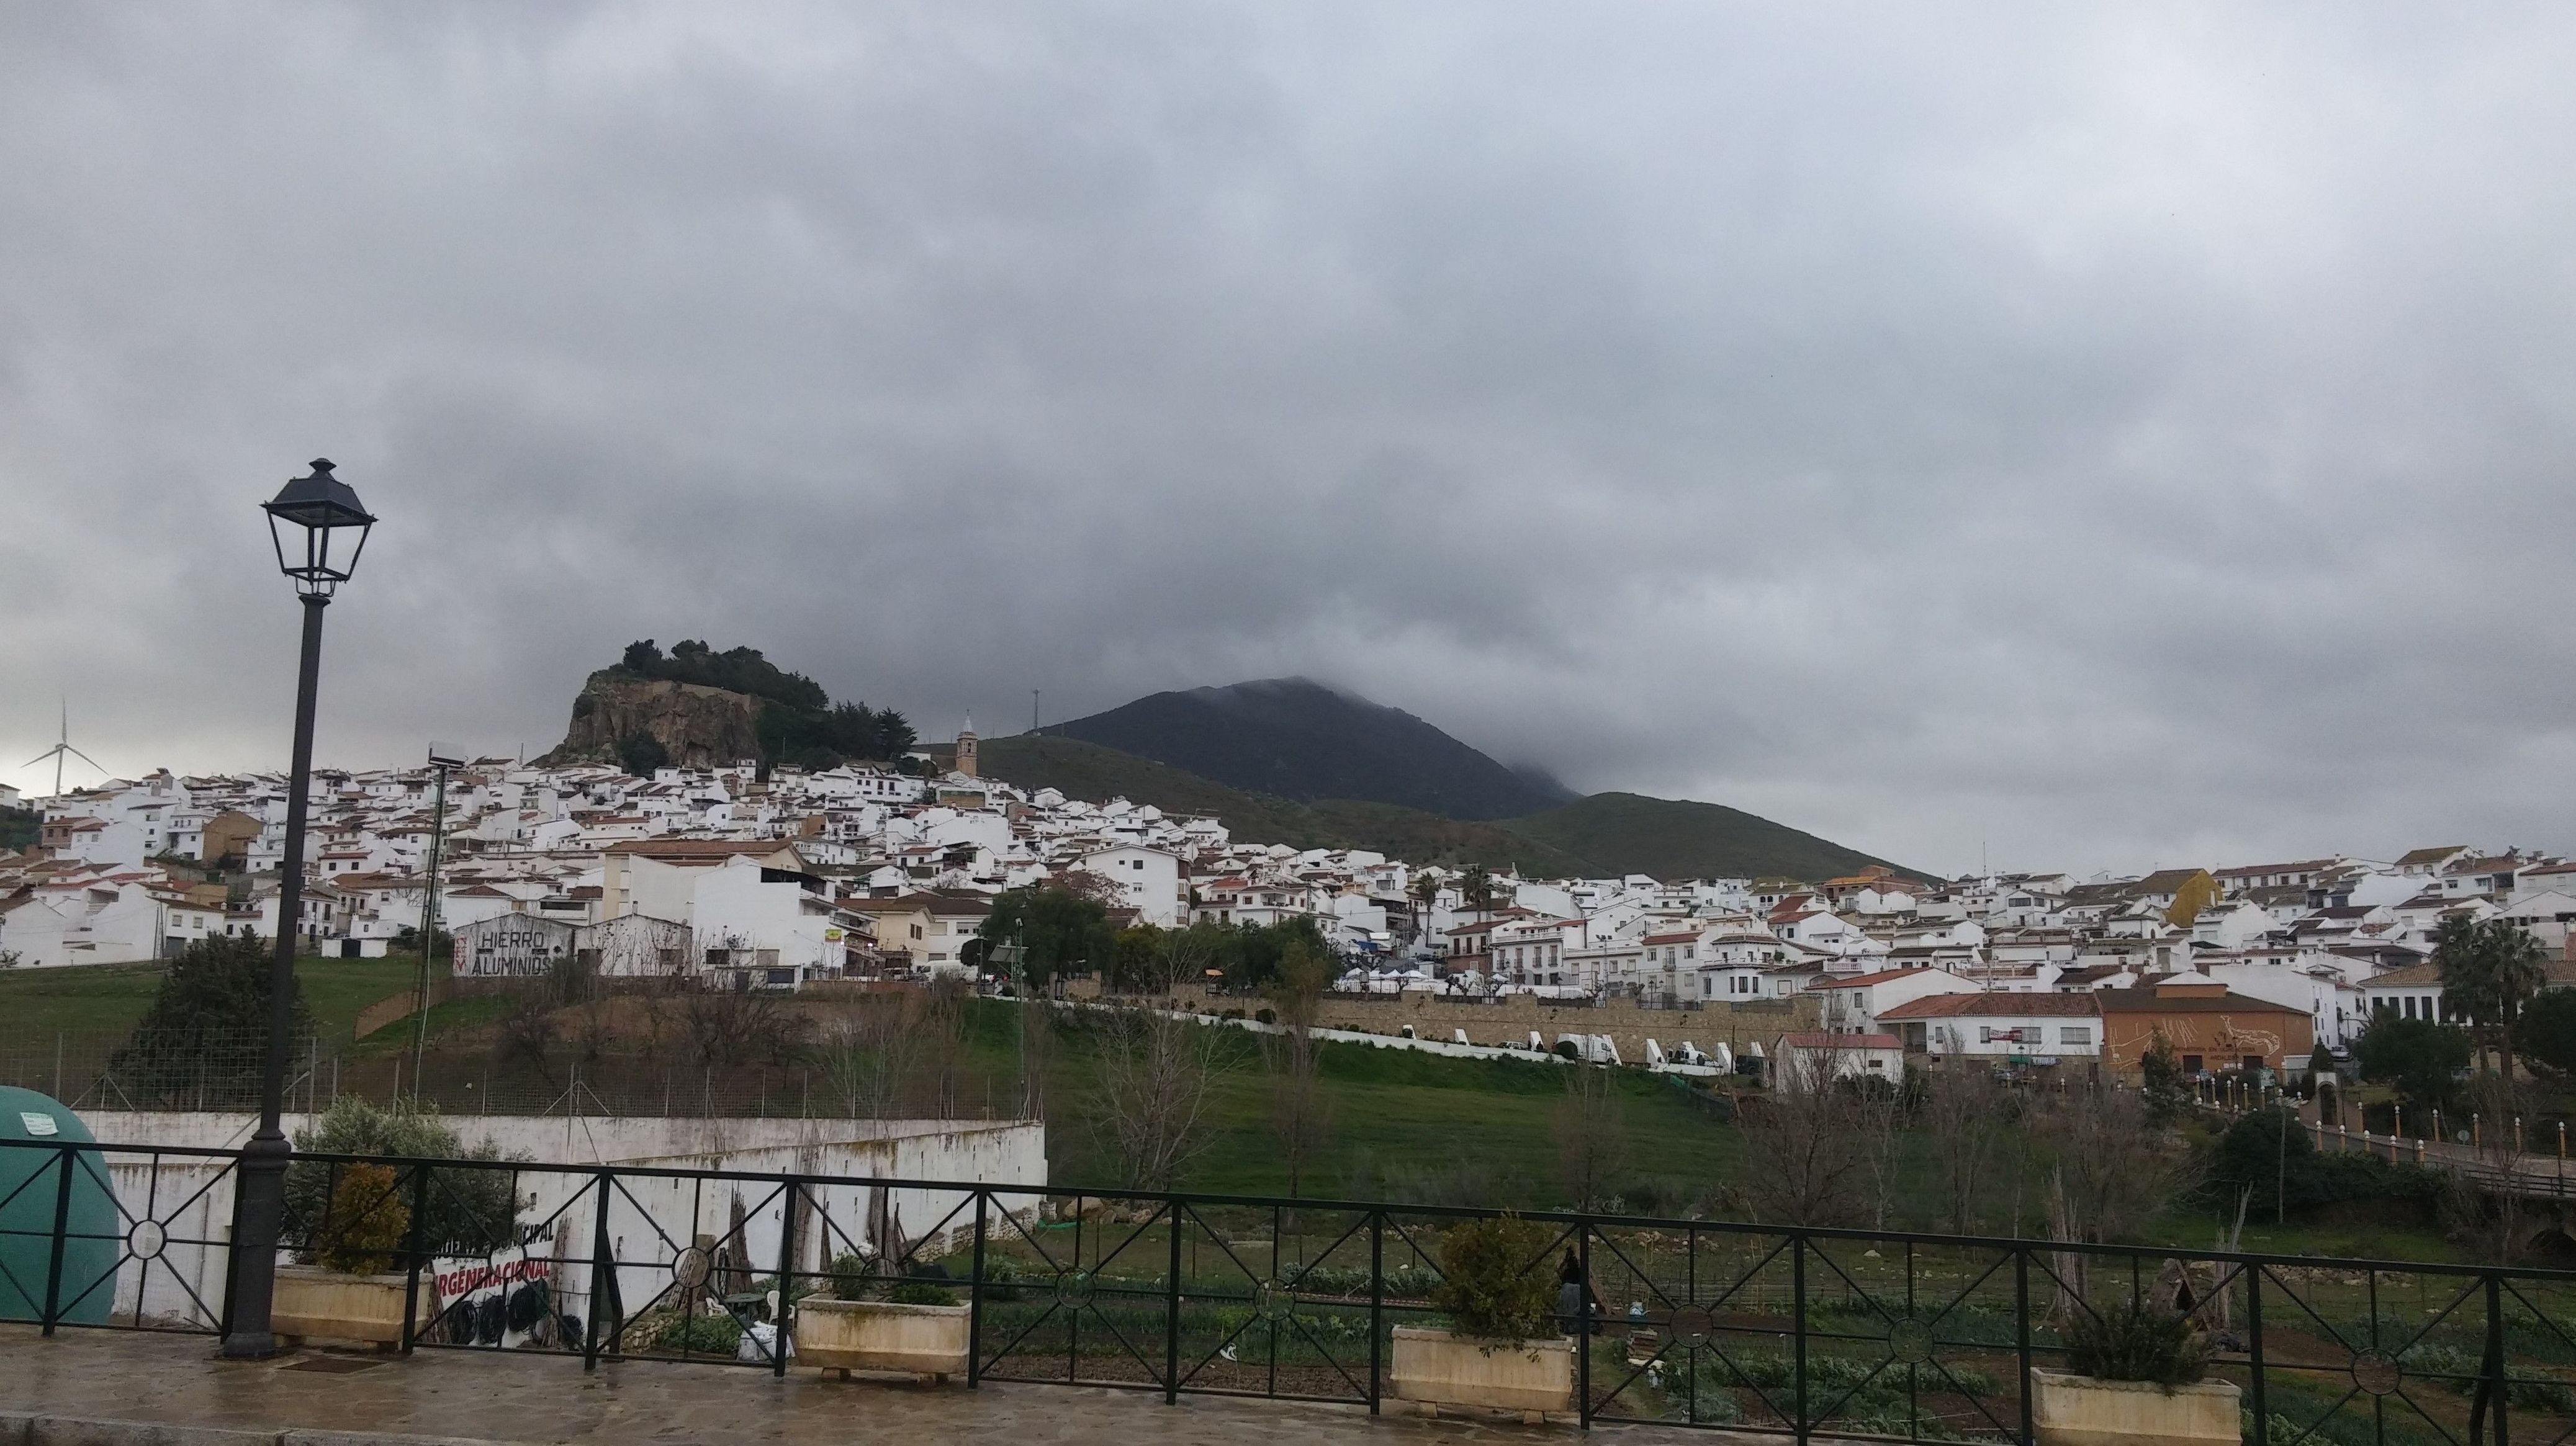 Foto 95 de Asociación de discapacitados en Málaga | Adisma